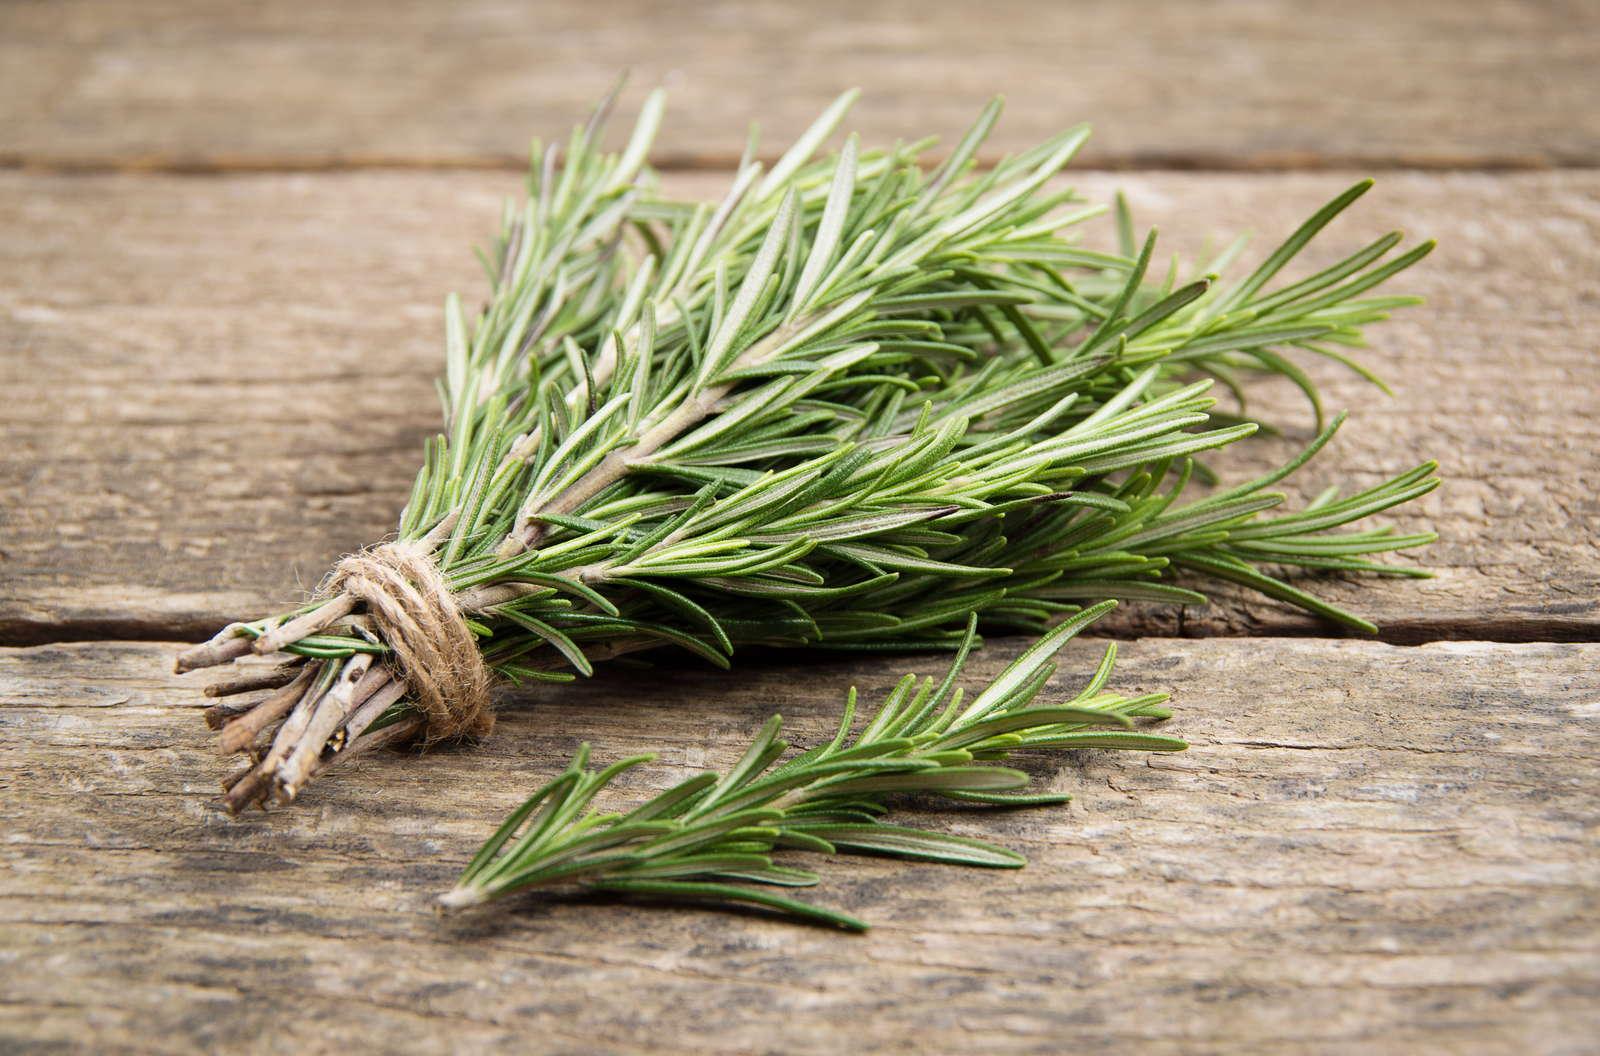 10 Tipps für frischen Rosmarin aus dem eigenen Beet - Plantura